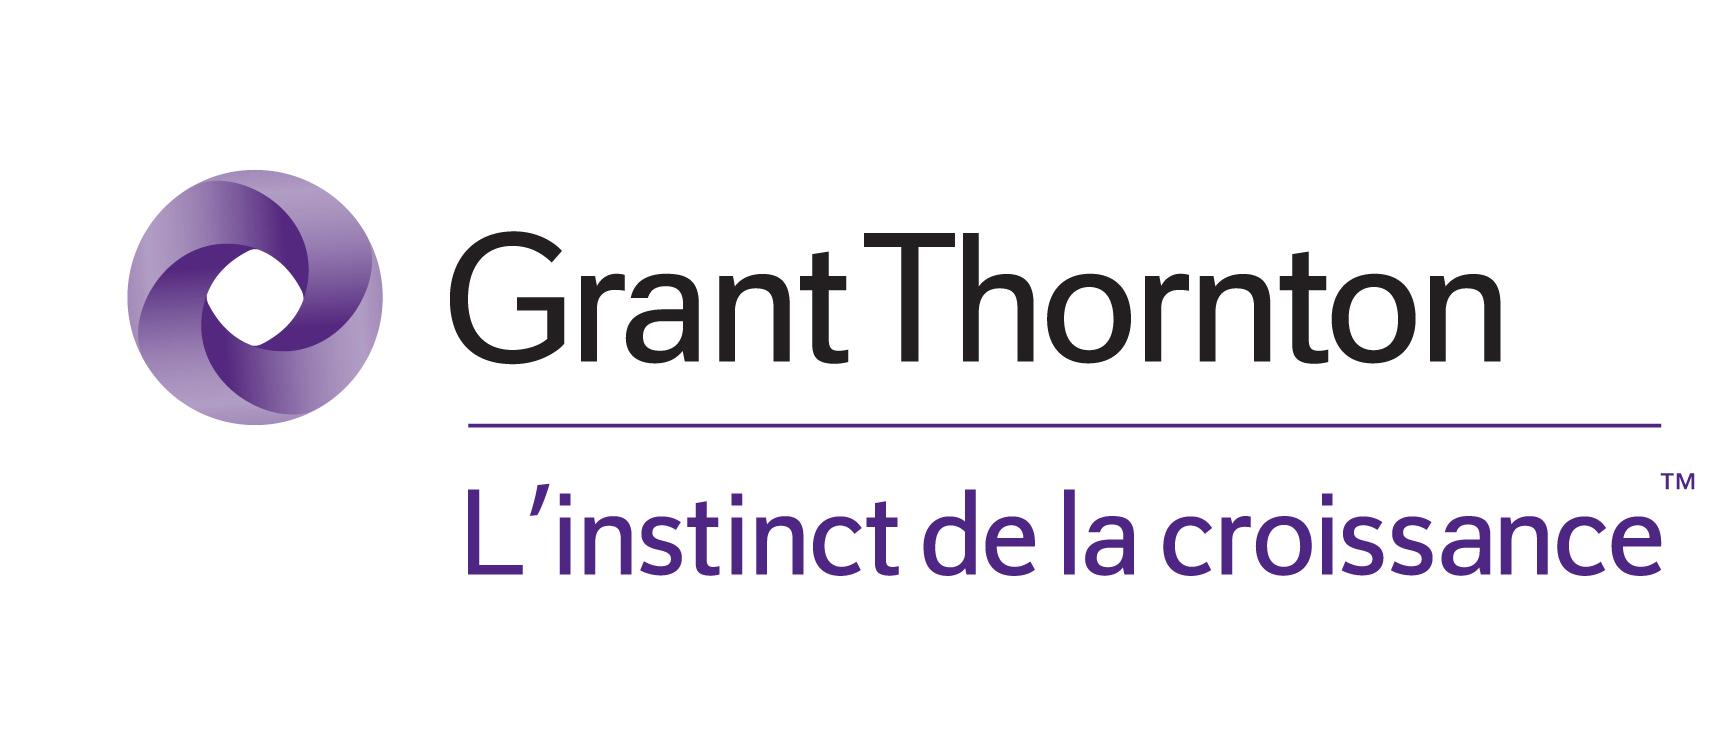 Présentation de Grant Thornton